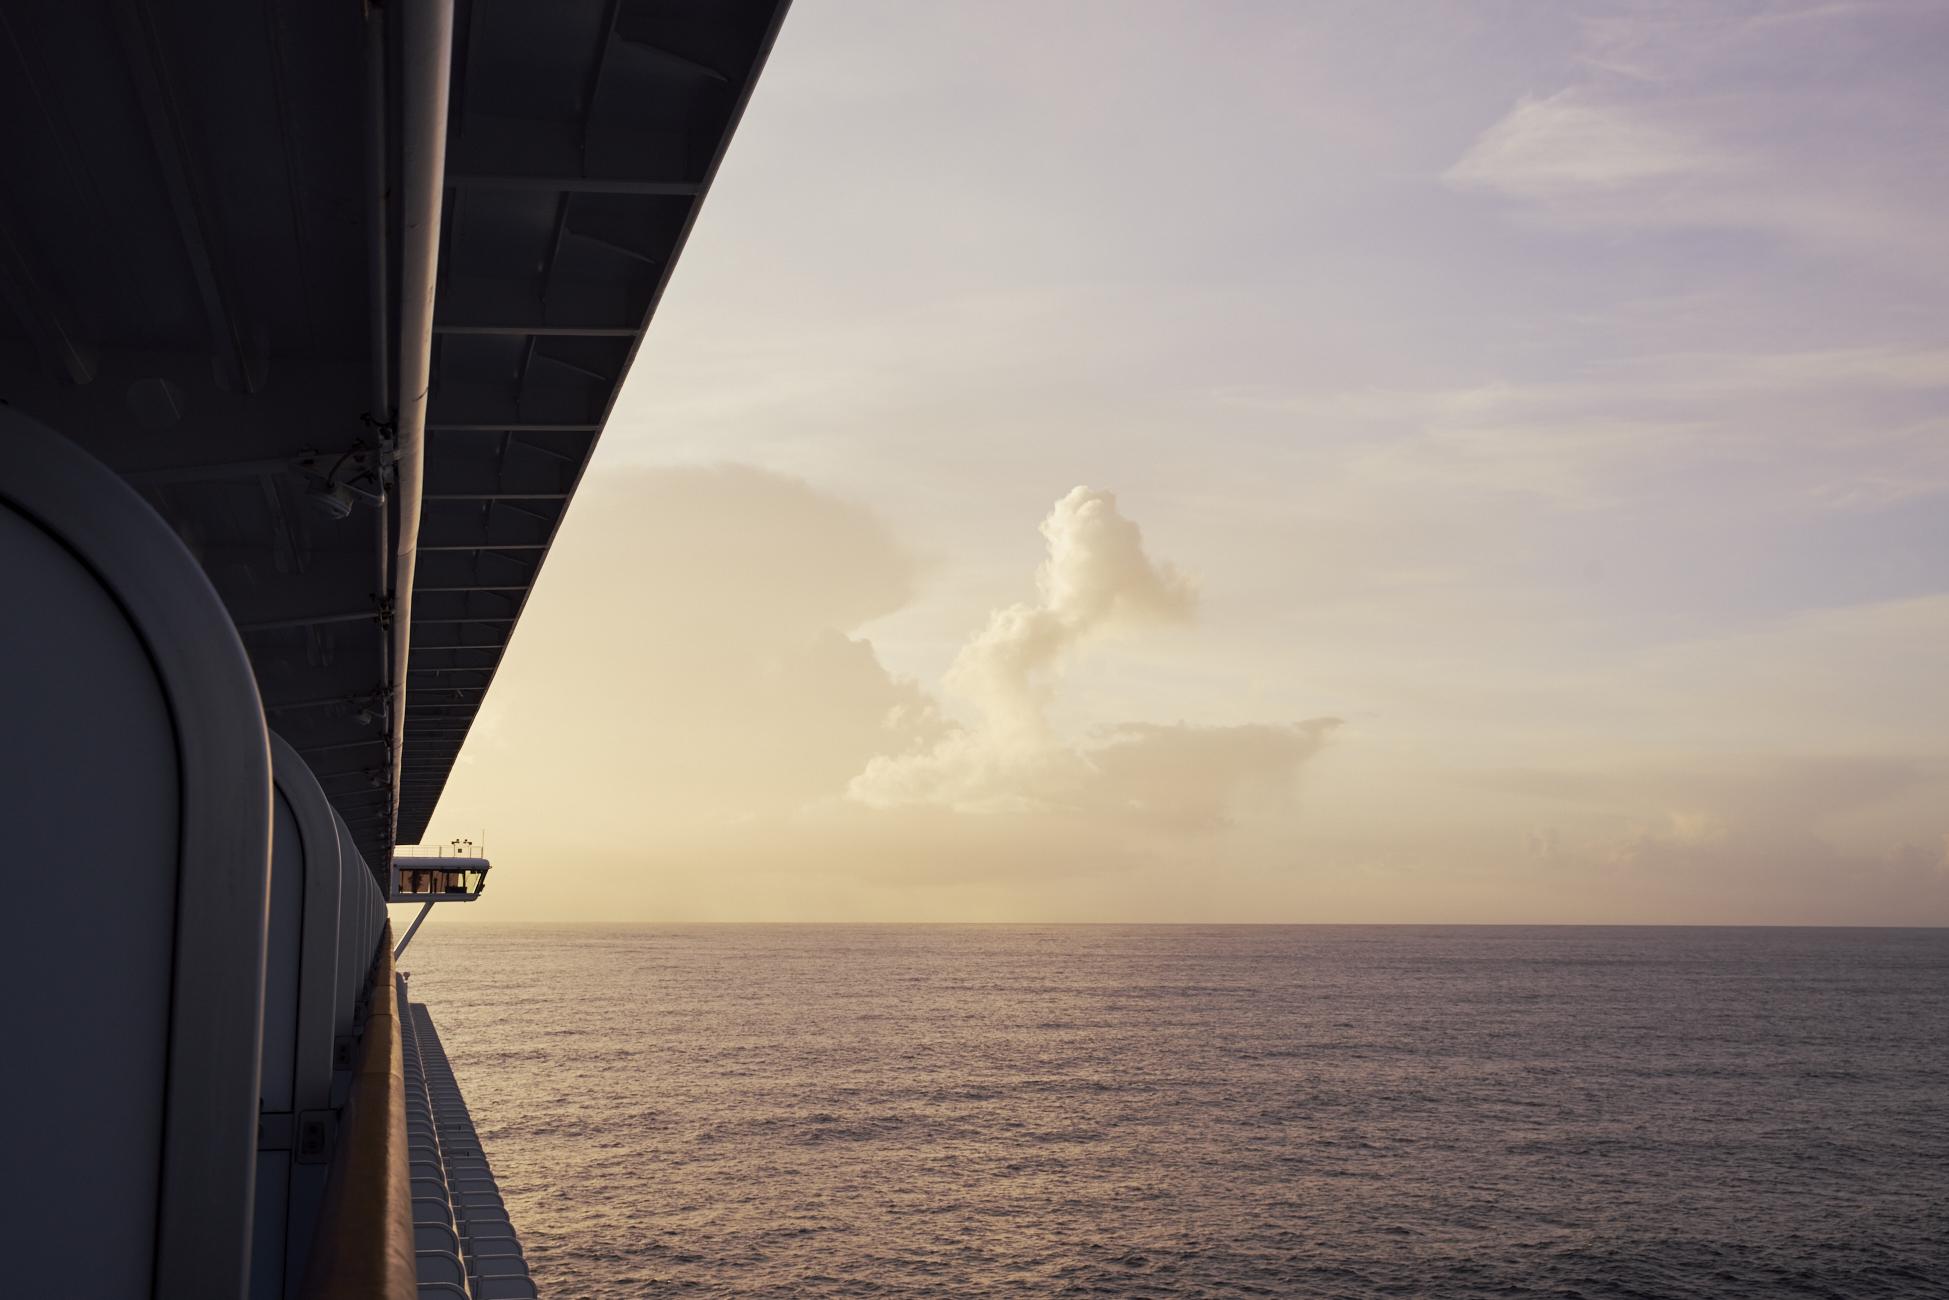 Alaska Cruise Balcony Views / seeandsavour.com #comebacknew